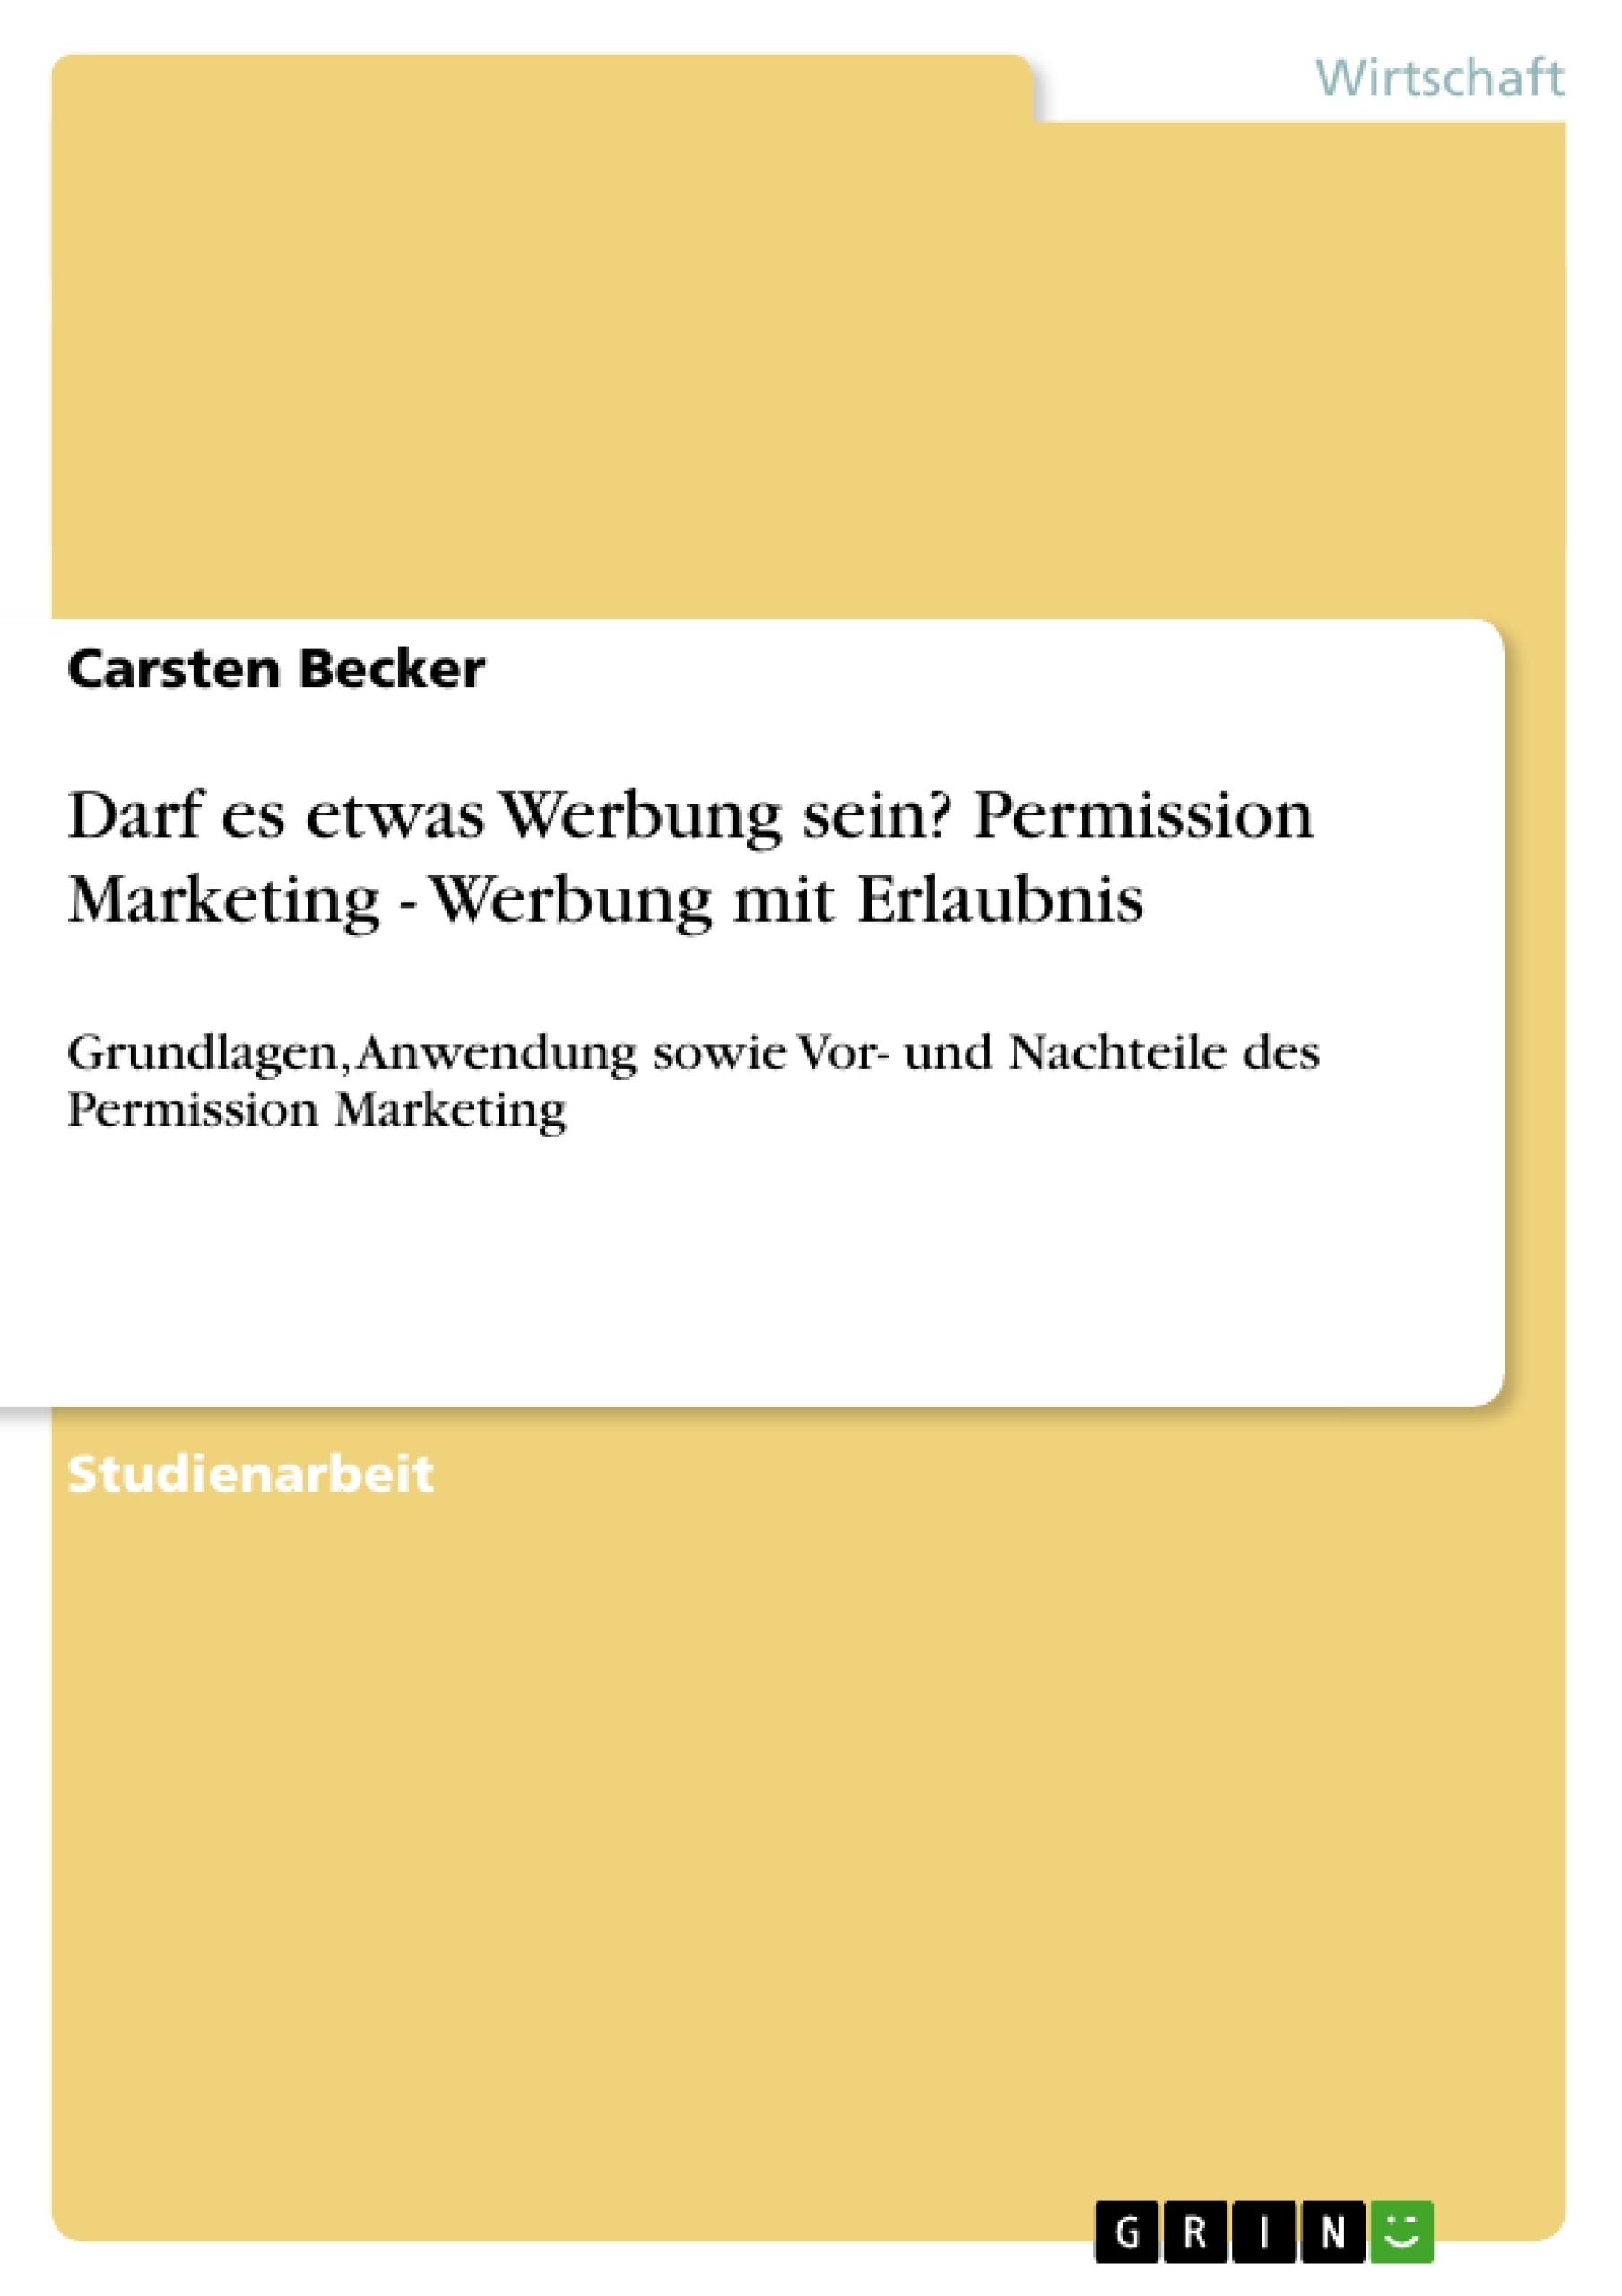 Titel: Darf es etwas Werbung sein? Permission Marketing - Werbung mit Erlaubnis